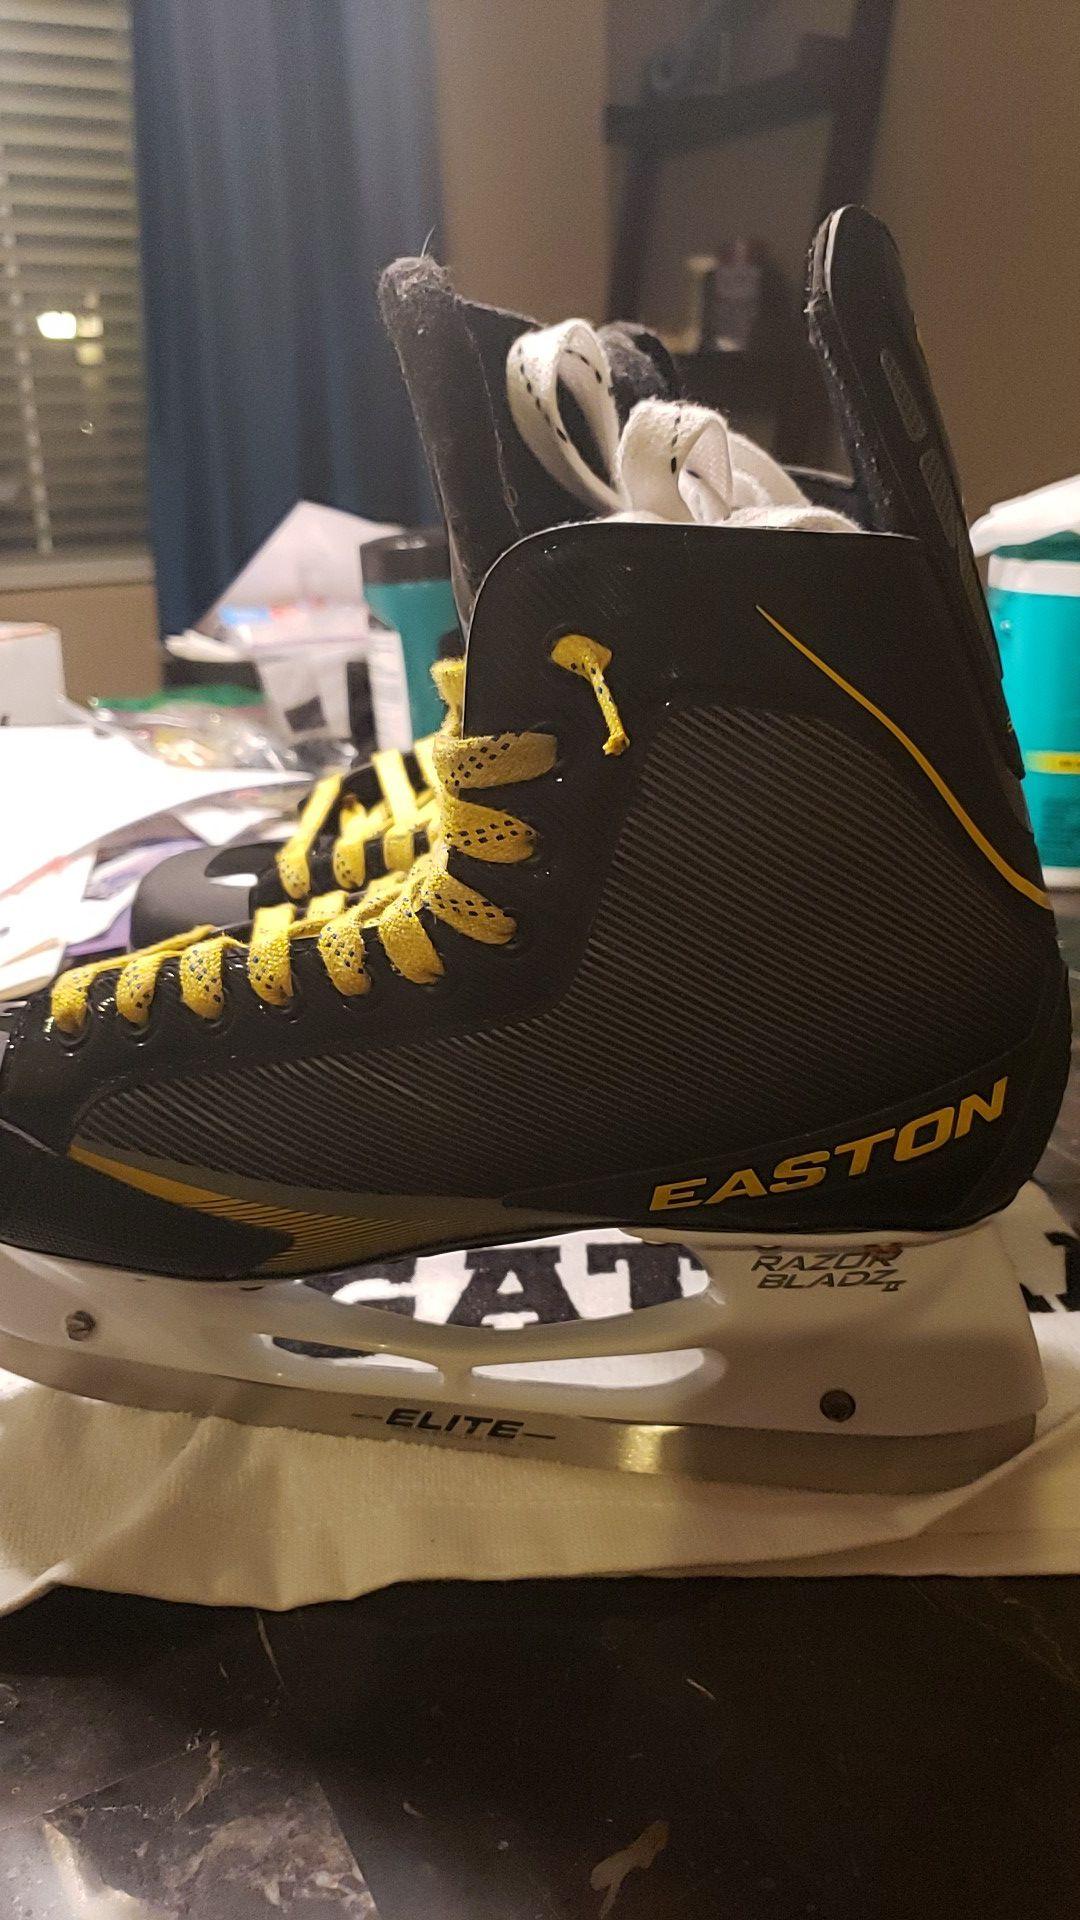 EASTON STEALTH 65S HOCKEY SKATES, NEW, SZ 10.5D